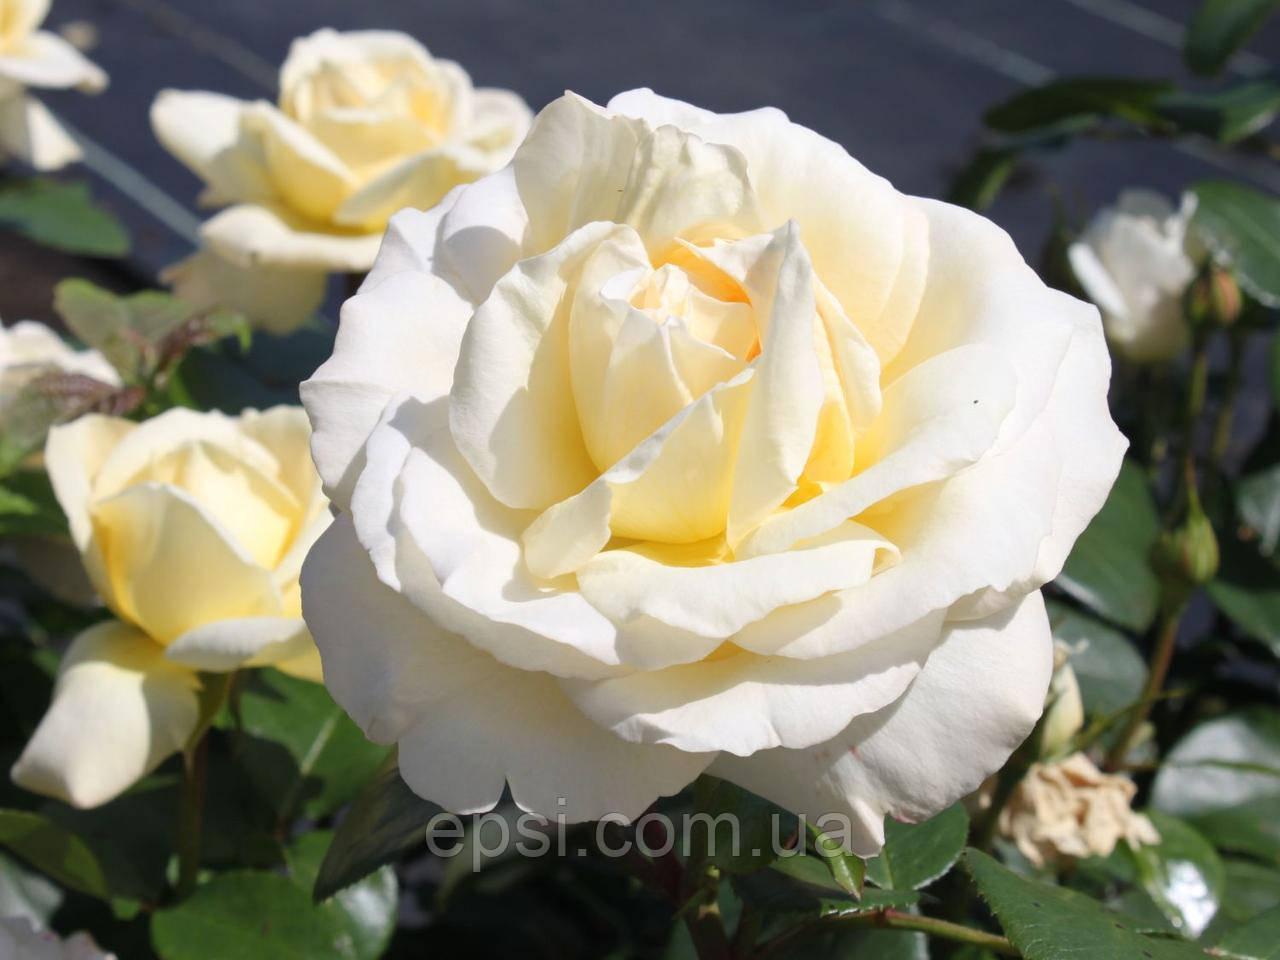 Саженец розы Ла Перла (La Perla)